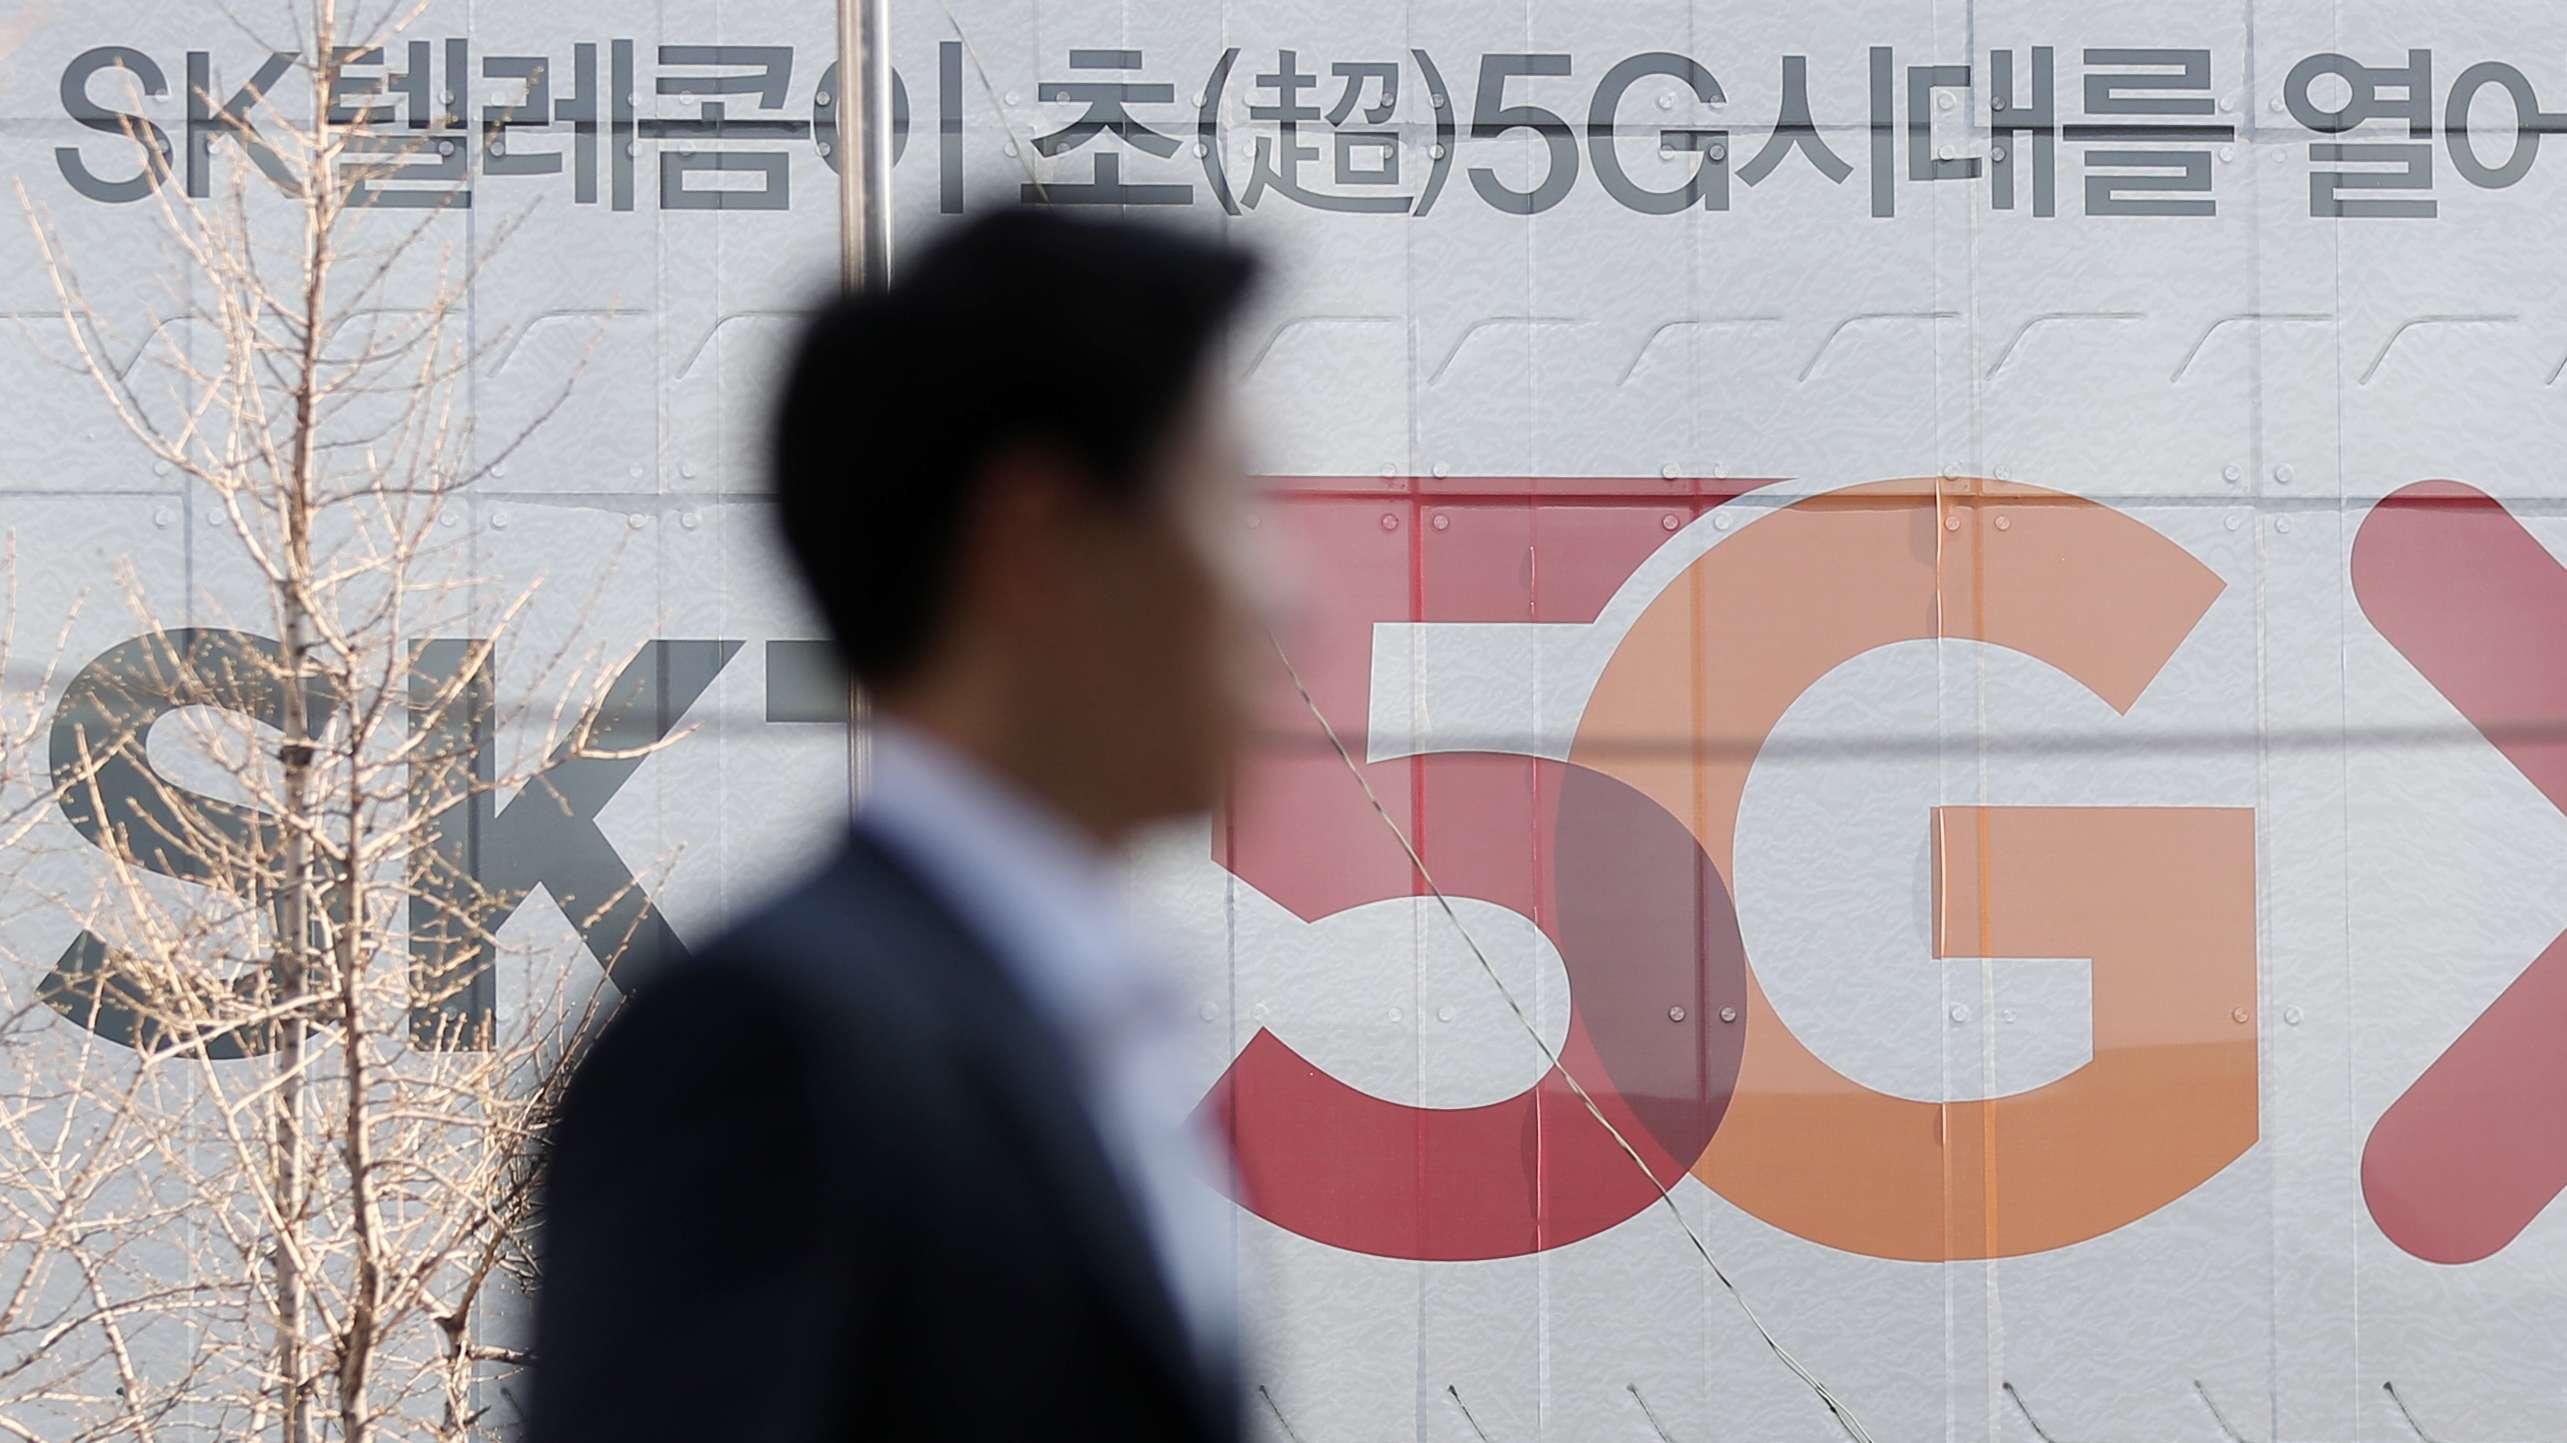 Eine großflächige Werbung eines Mobilfunkanbieters an einer Hauswand in Seoul in Süd Korea